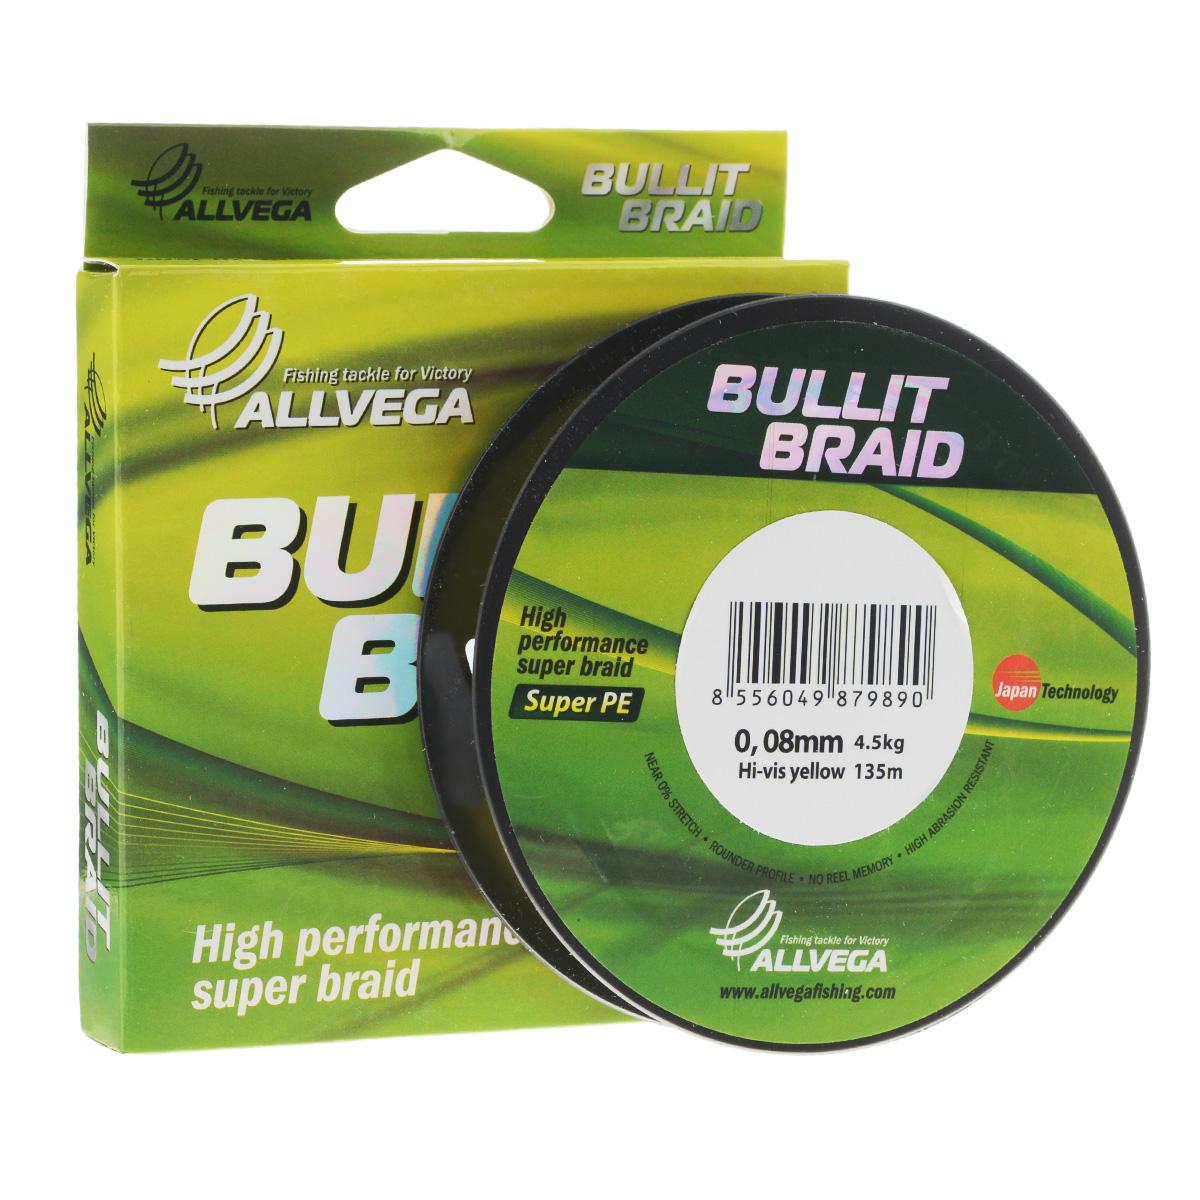 Леска плетеная Allvega Bullit Braid, цвет: ярко-желтый, 135 м, 0,08 мм, 4,5 кг010-01199-23Леска Allvega Bullit Braid с гладкой поверхностью и одинаковым сечением по всей длине обладает высокой износостойкостью. Благодаря микроволокнам полиэтилена (Super PE) леска имеет очень плотное плетение и не впитывает воду. Леску Allvega Bullit Braid можно применять в любых типах водоемов. Особенности:повышенная износостойкость;высокая чувствительность - коэффициент растяжения близок к нулю;отсутствует память; идеально гладкая поверхность позволяет увеличить дальность забросов; высокая прочность шнура на узлах.